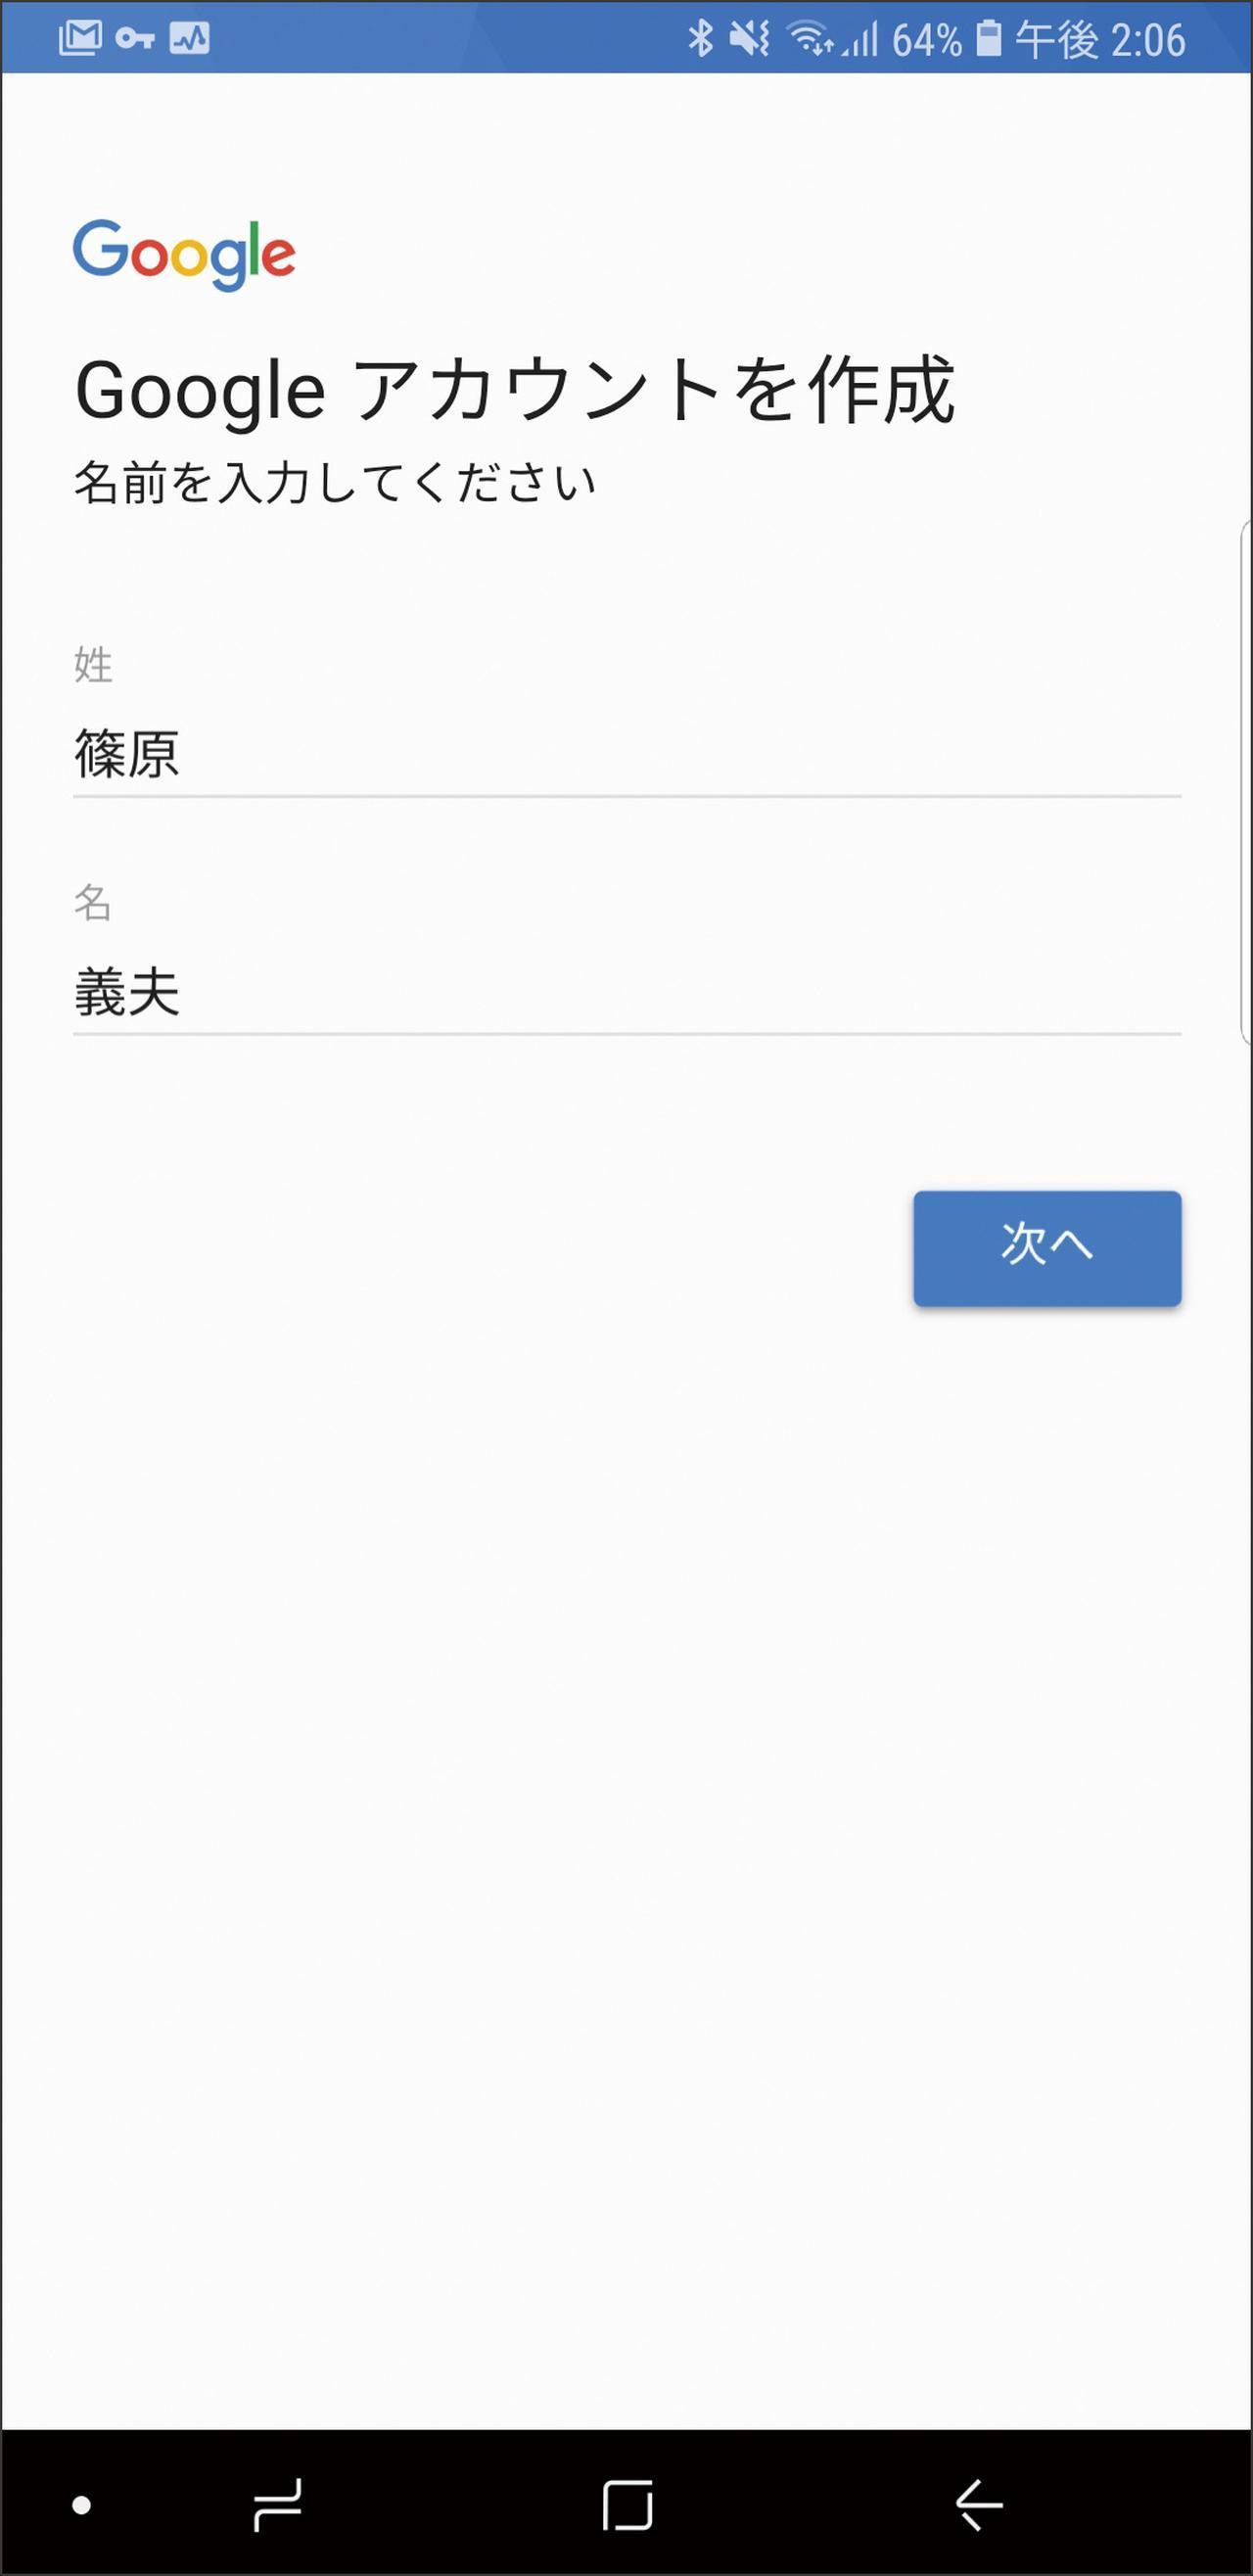 画像: 「設定」の中にあるアカウント一覧から「Google」の項目を選択すると、アカウントの作成画面が起動する。